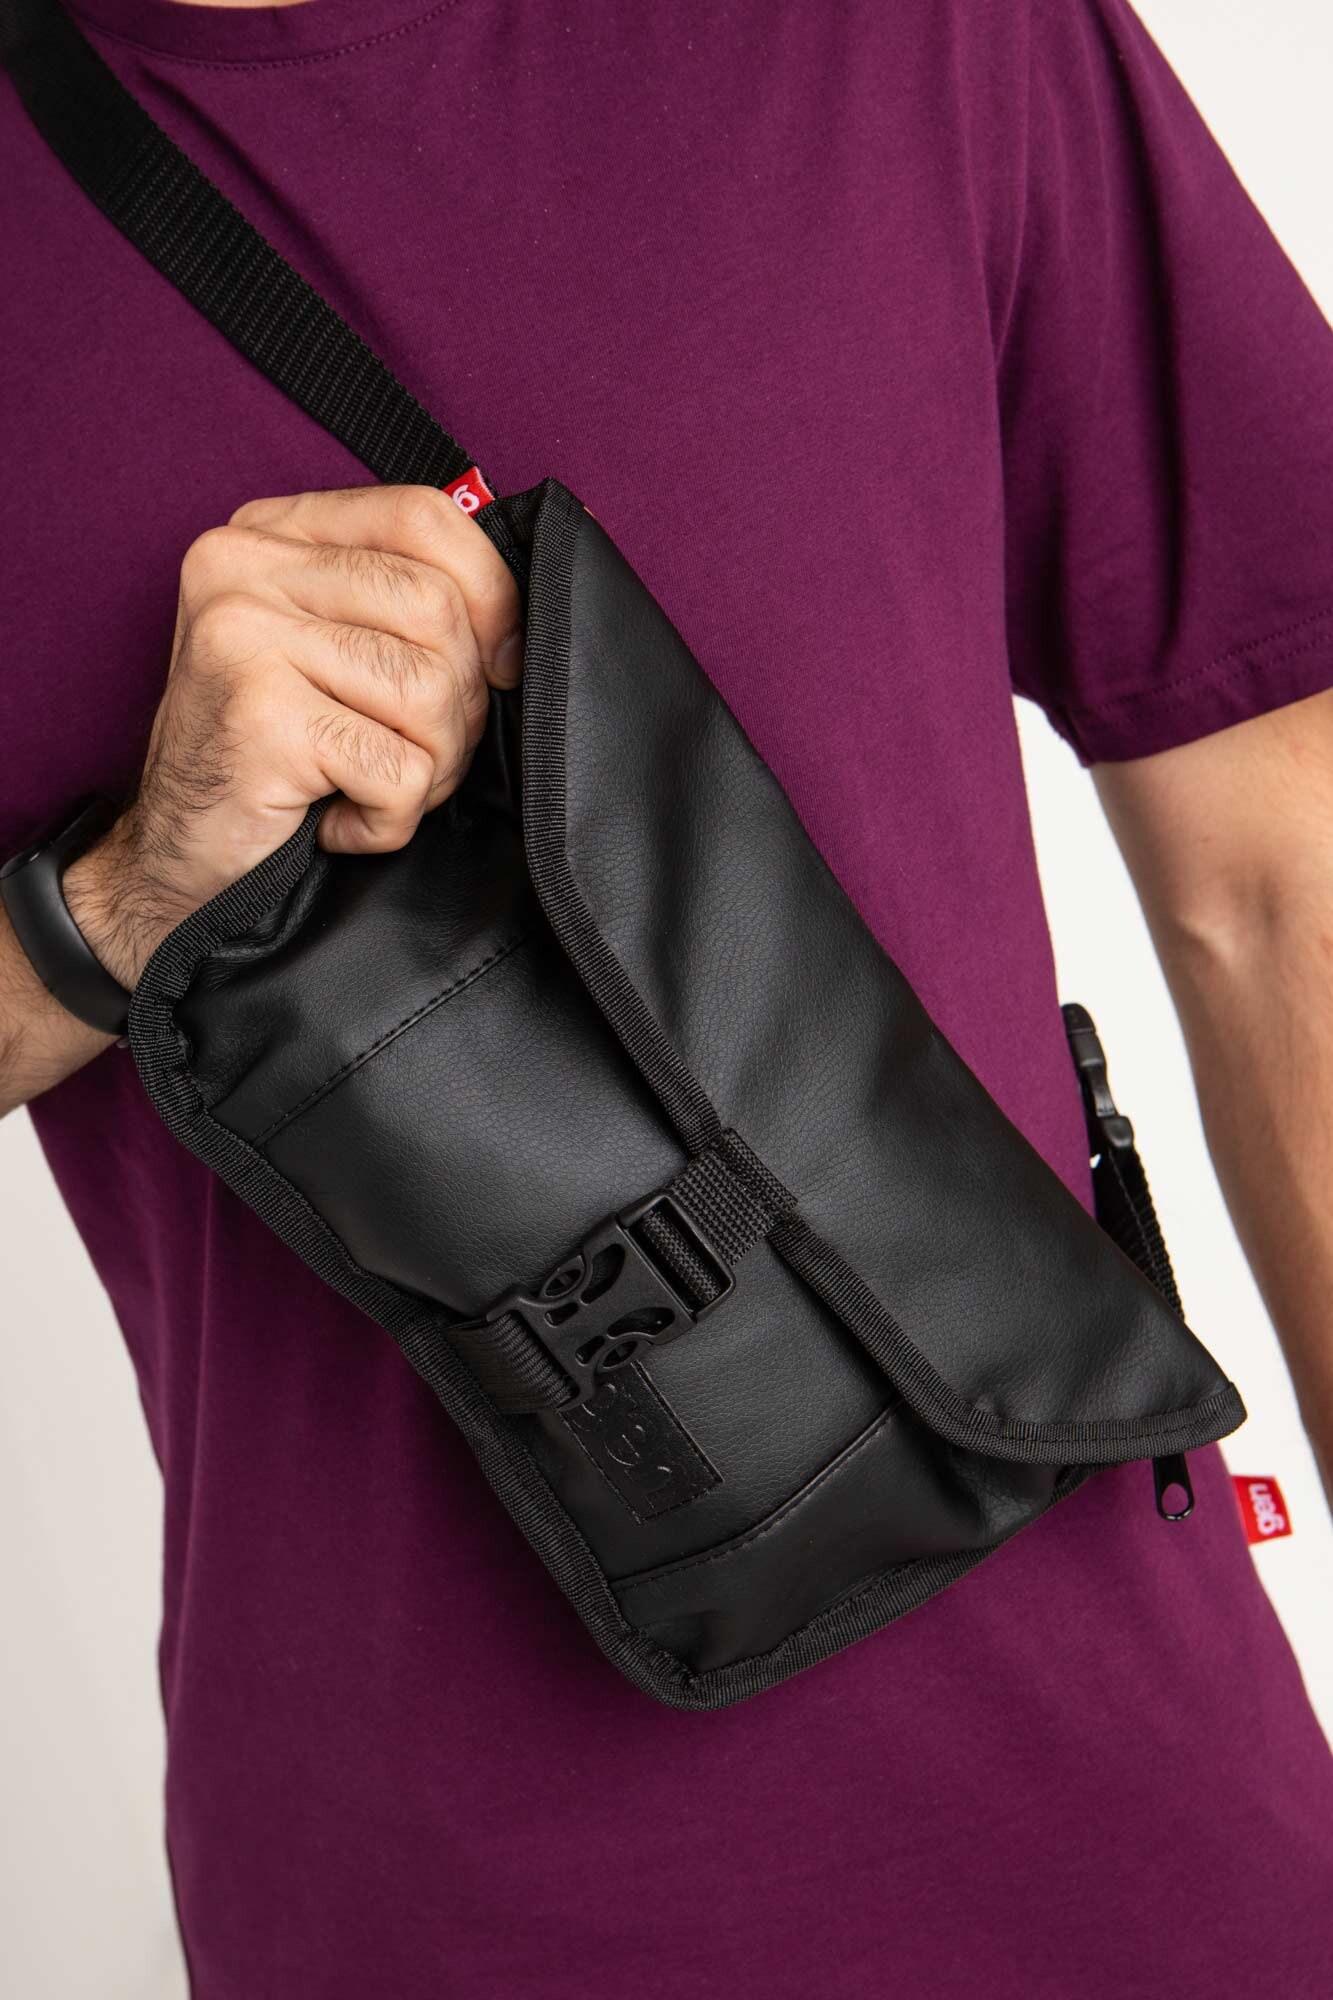 Прямоугольная сумка на пояс бананка черного цвета с клапаном - Фото 2